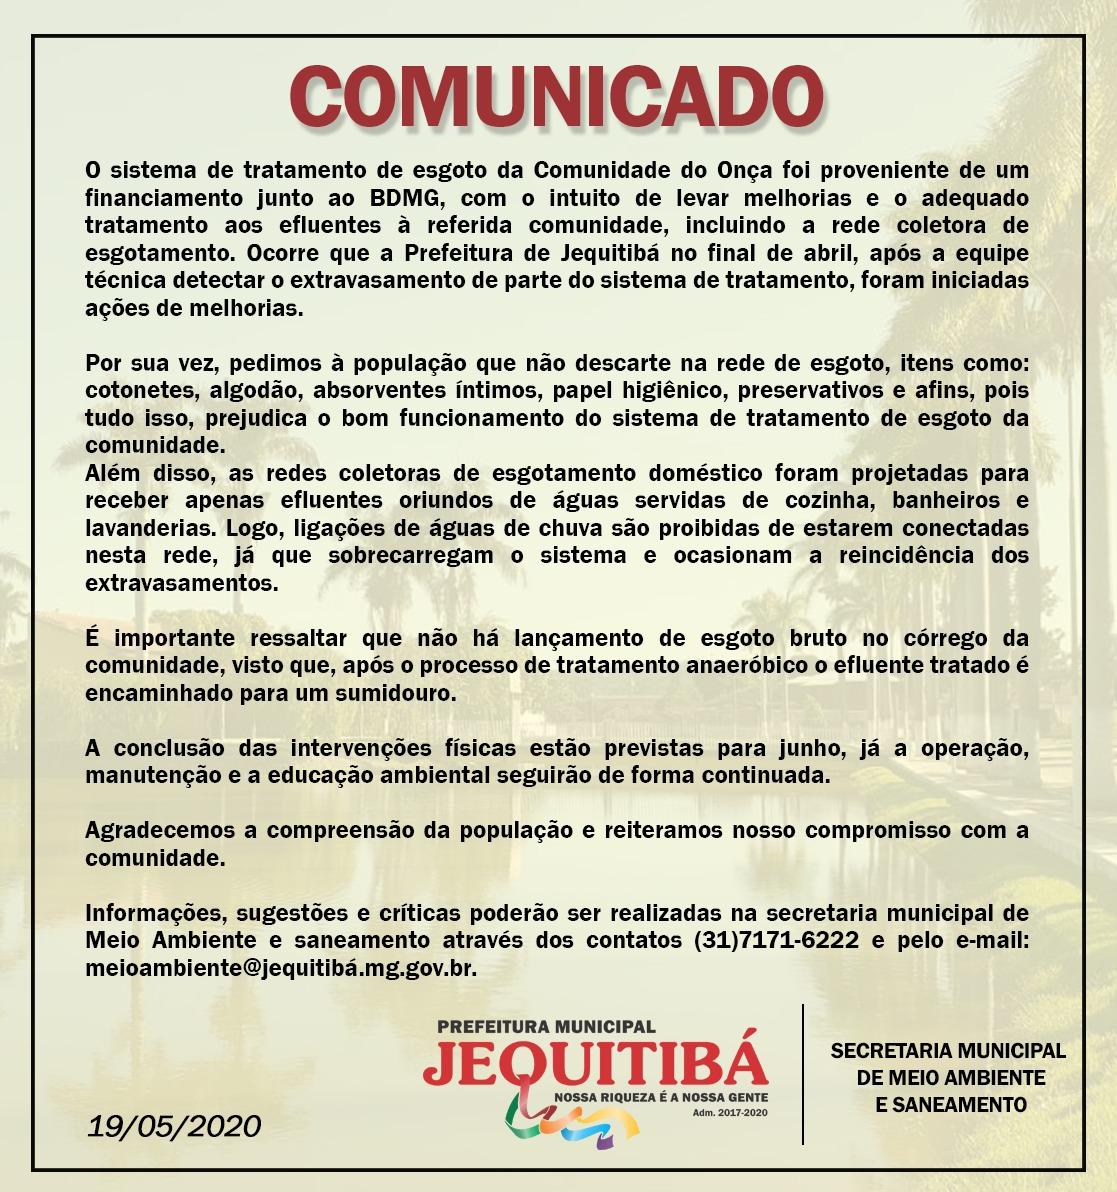 COMUNICADO SECRETARIA MUNICIPAL DE MEIO AMBIENTE E SANEAMENTO